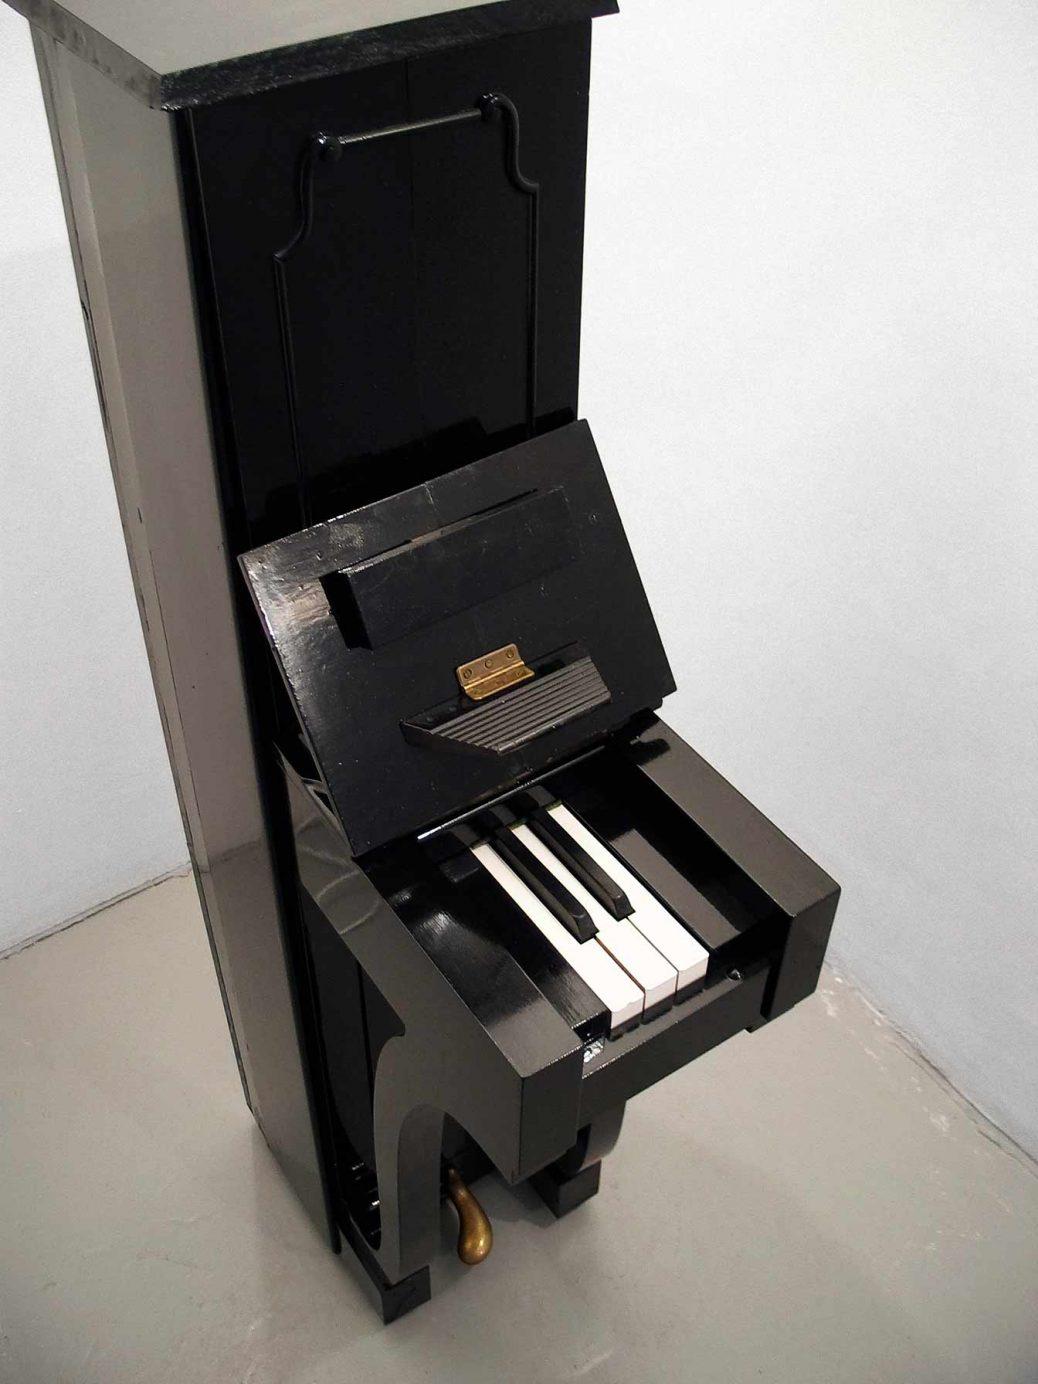 Piano, smalt piano med tre vita och två svarta tangenter, skulptur av Björn Perborg, fågelperpektiv.